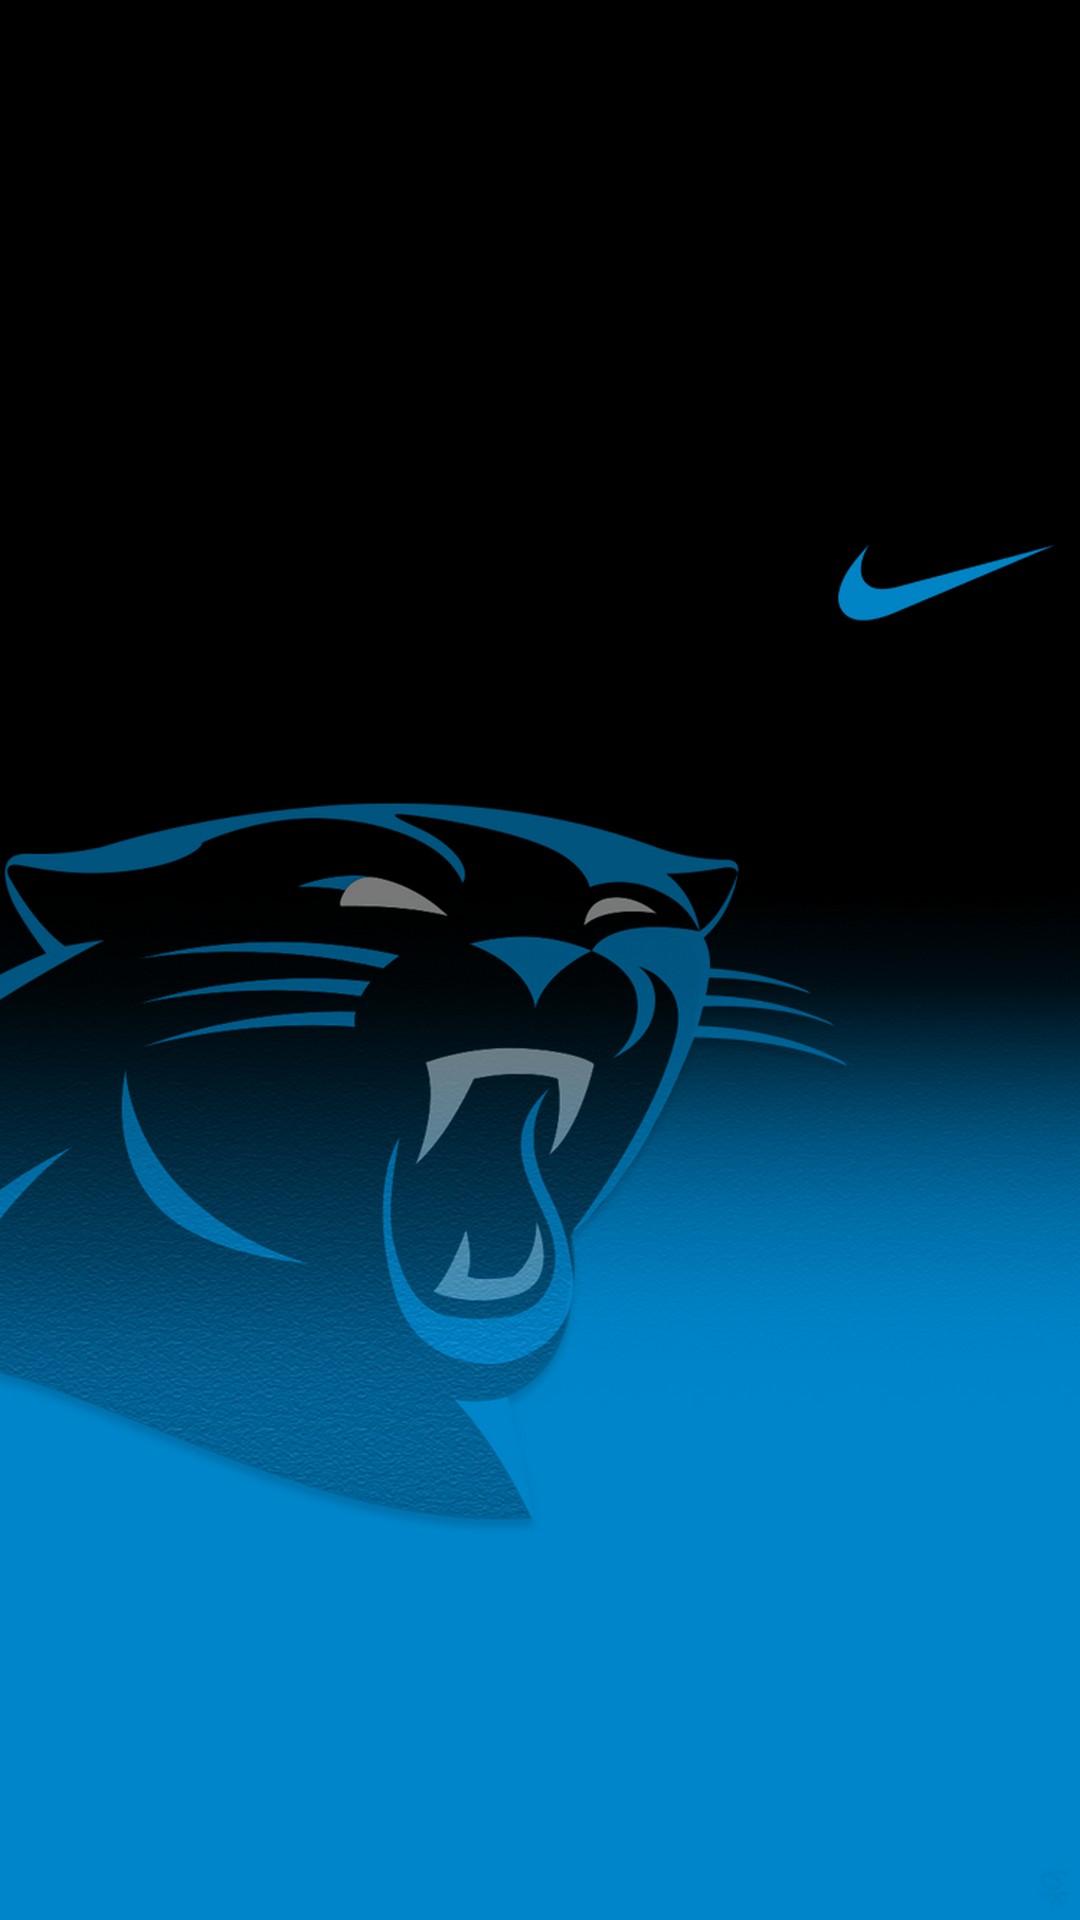 Carolina Panthers Iphone Wallpaper Home Screen With - Carolina Panthers - HD Wallpaper